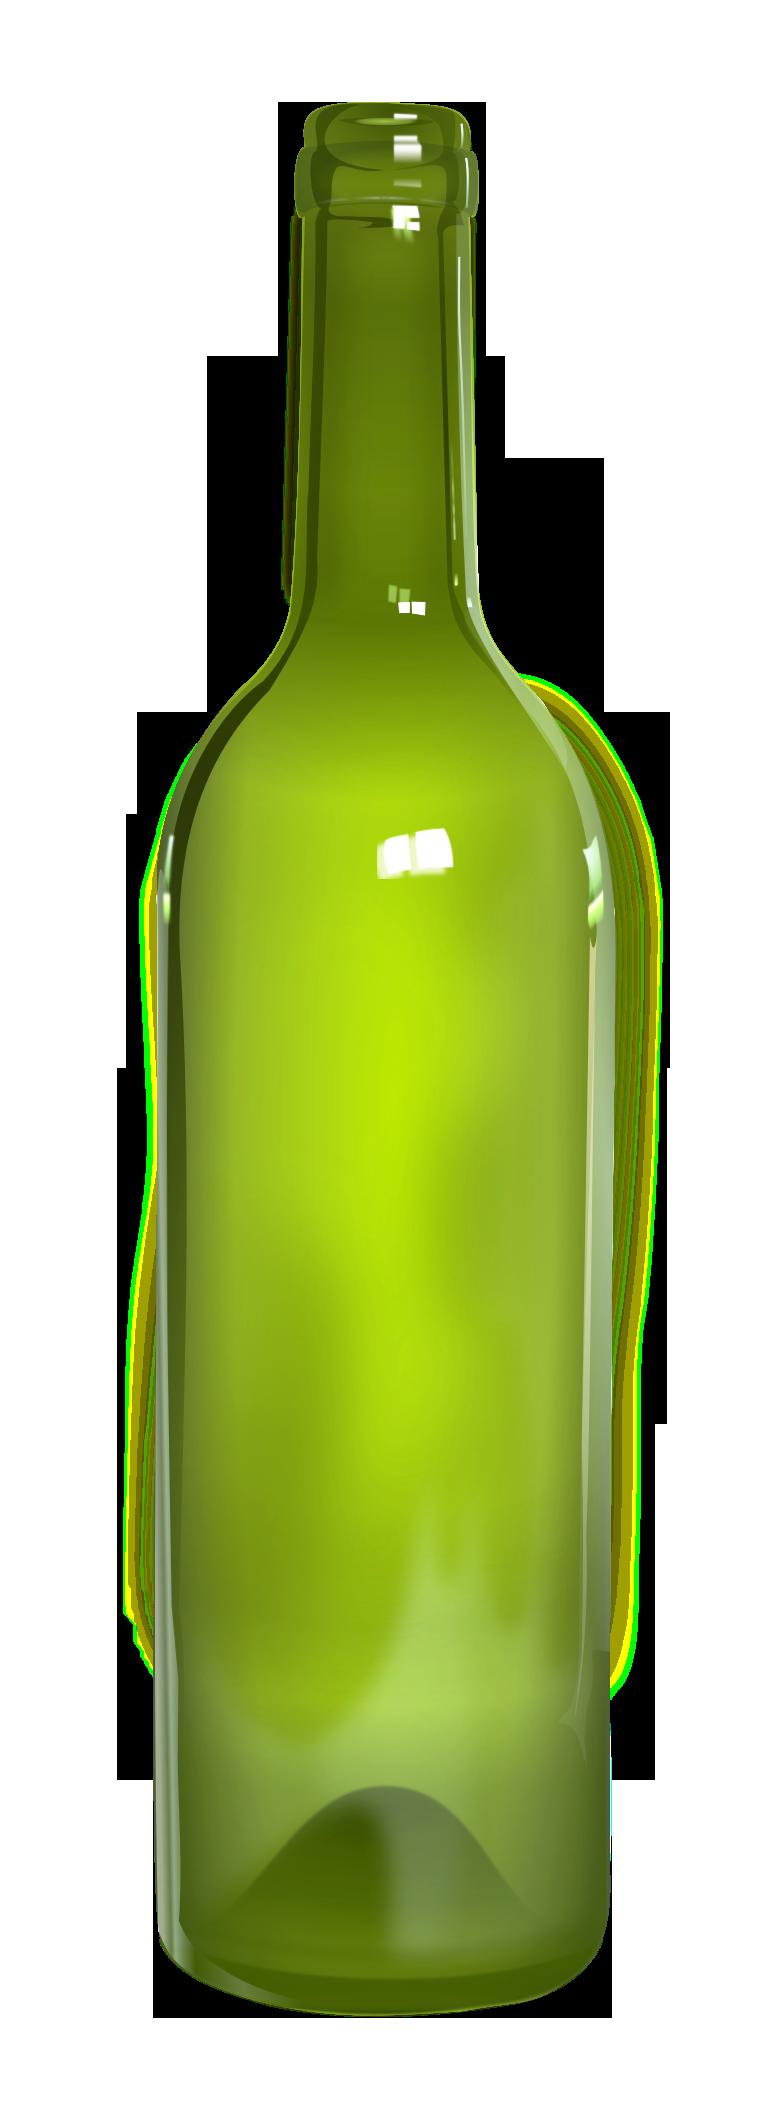 Bottle PNG Images Transparent Free Download.